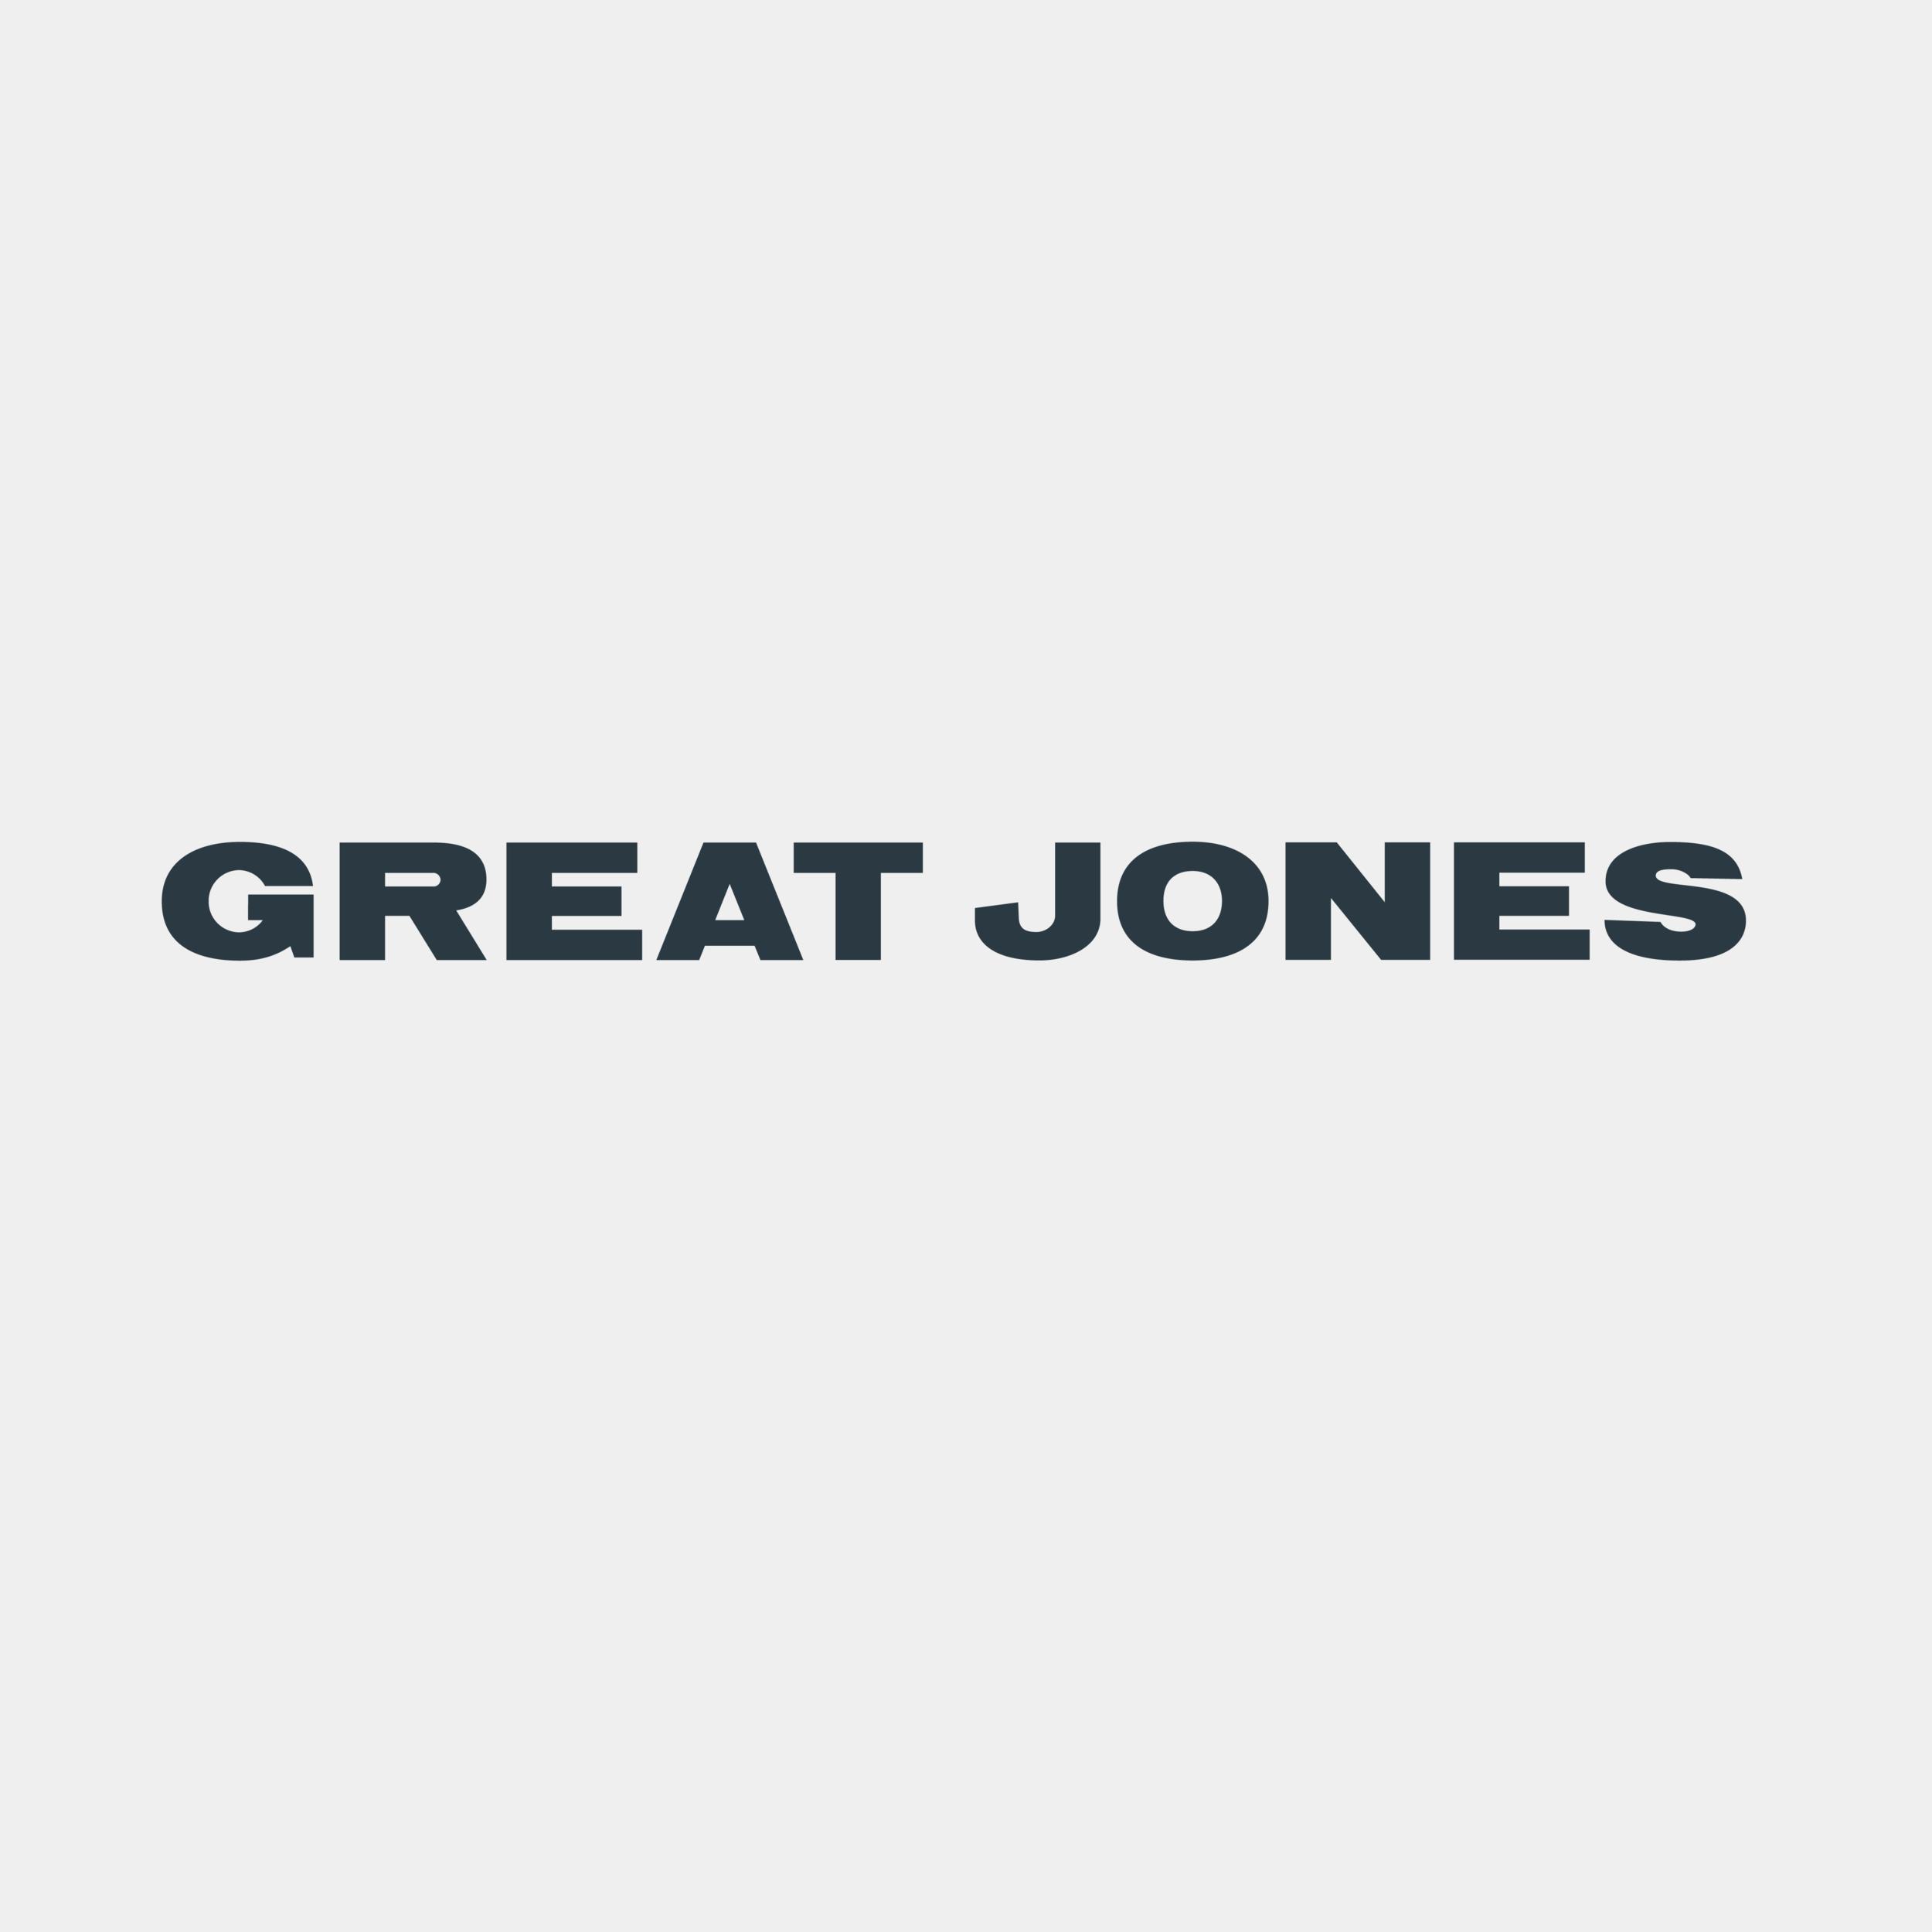 Great Jones_1.png